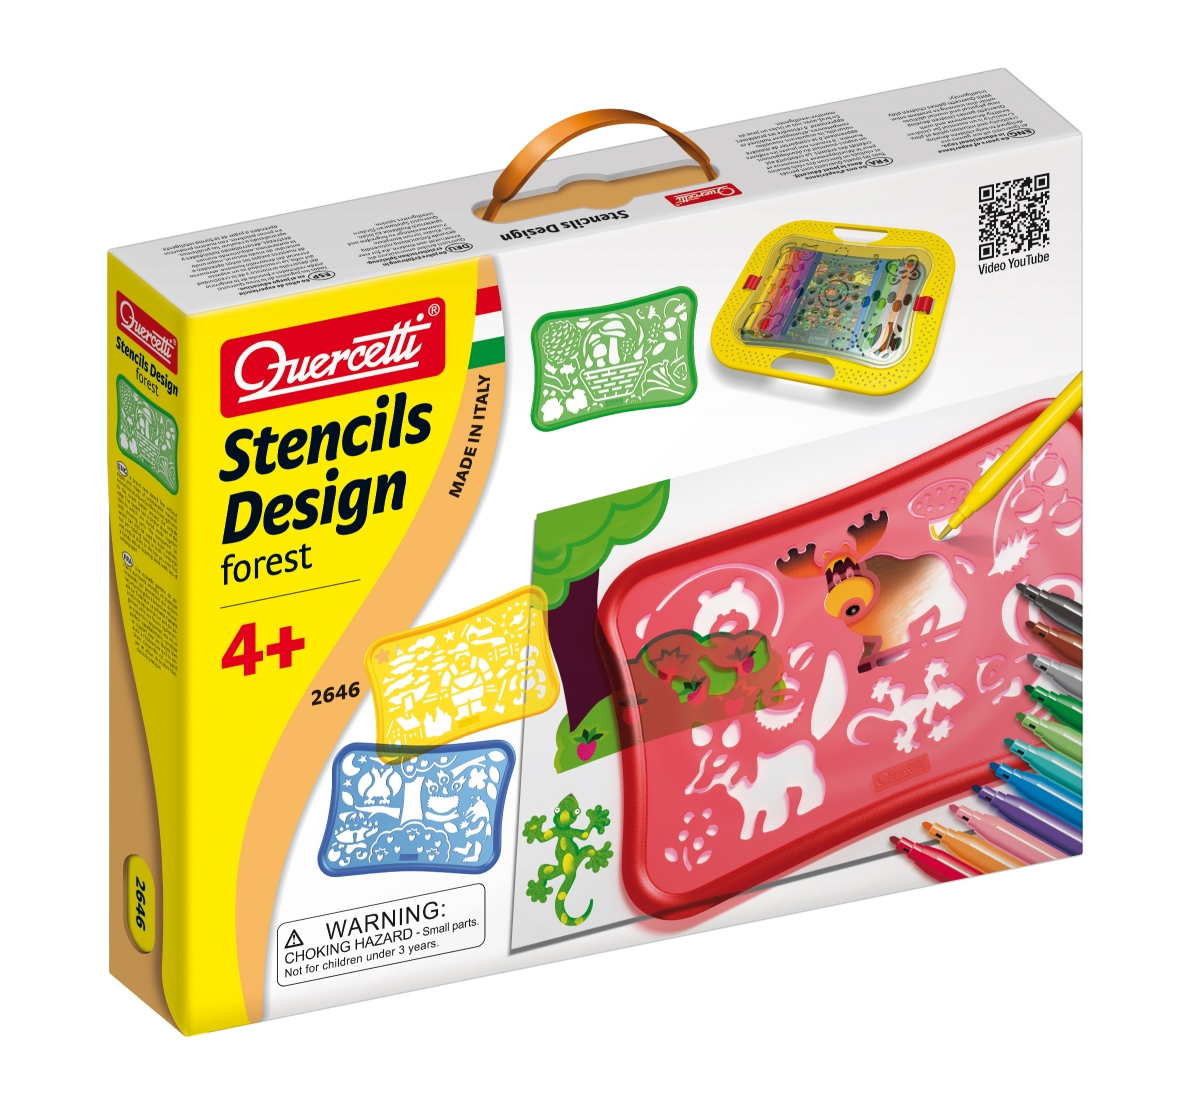 Quercetti Design Forest Stencils 2646